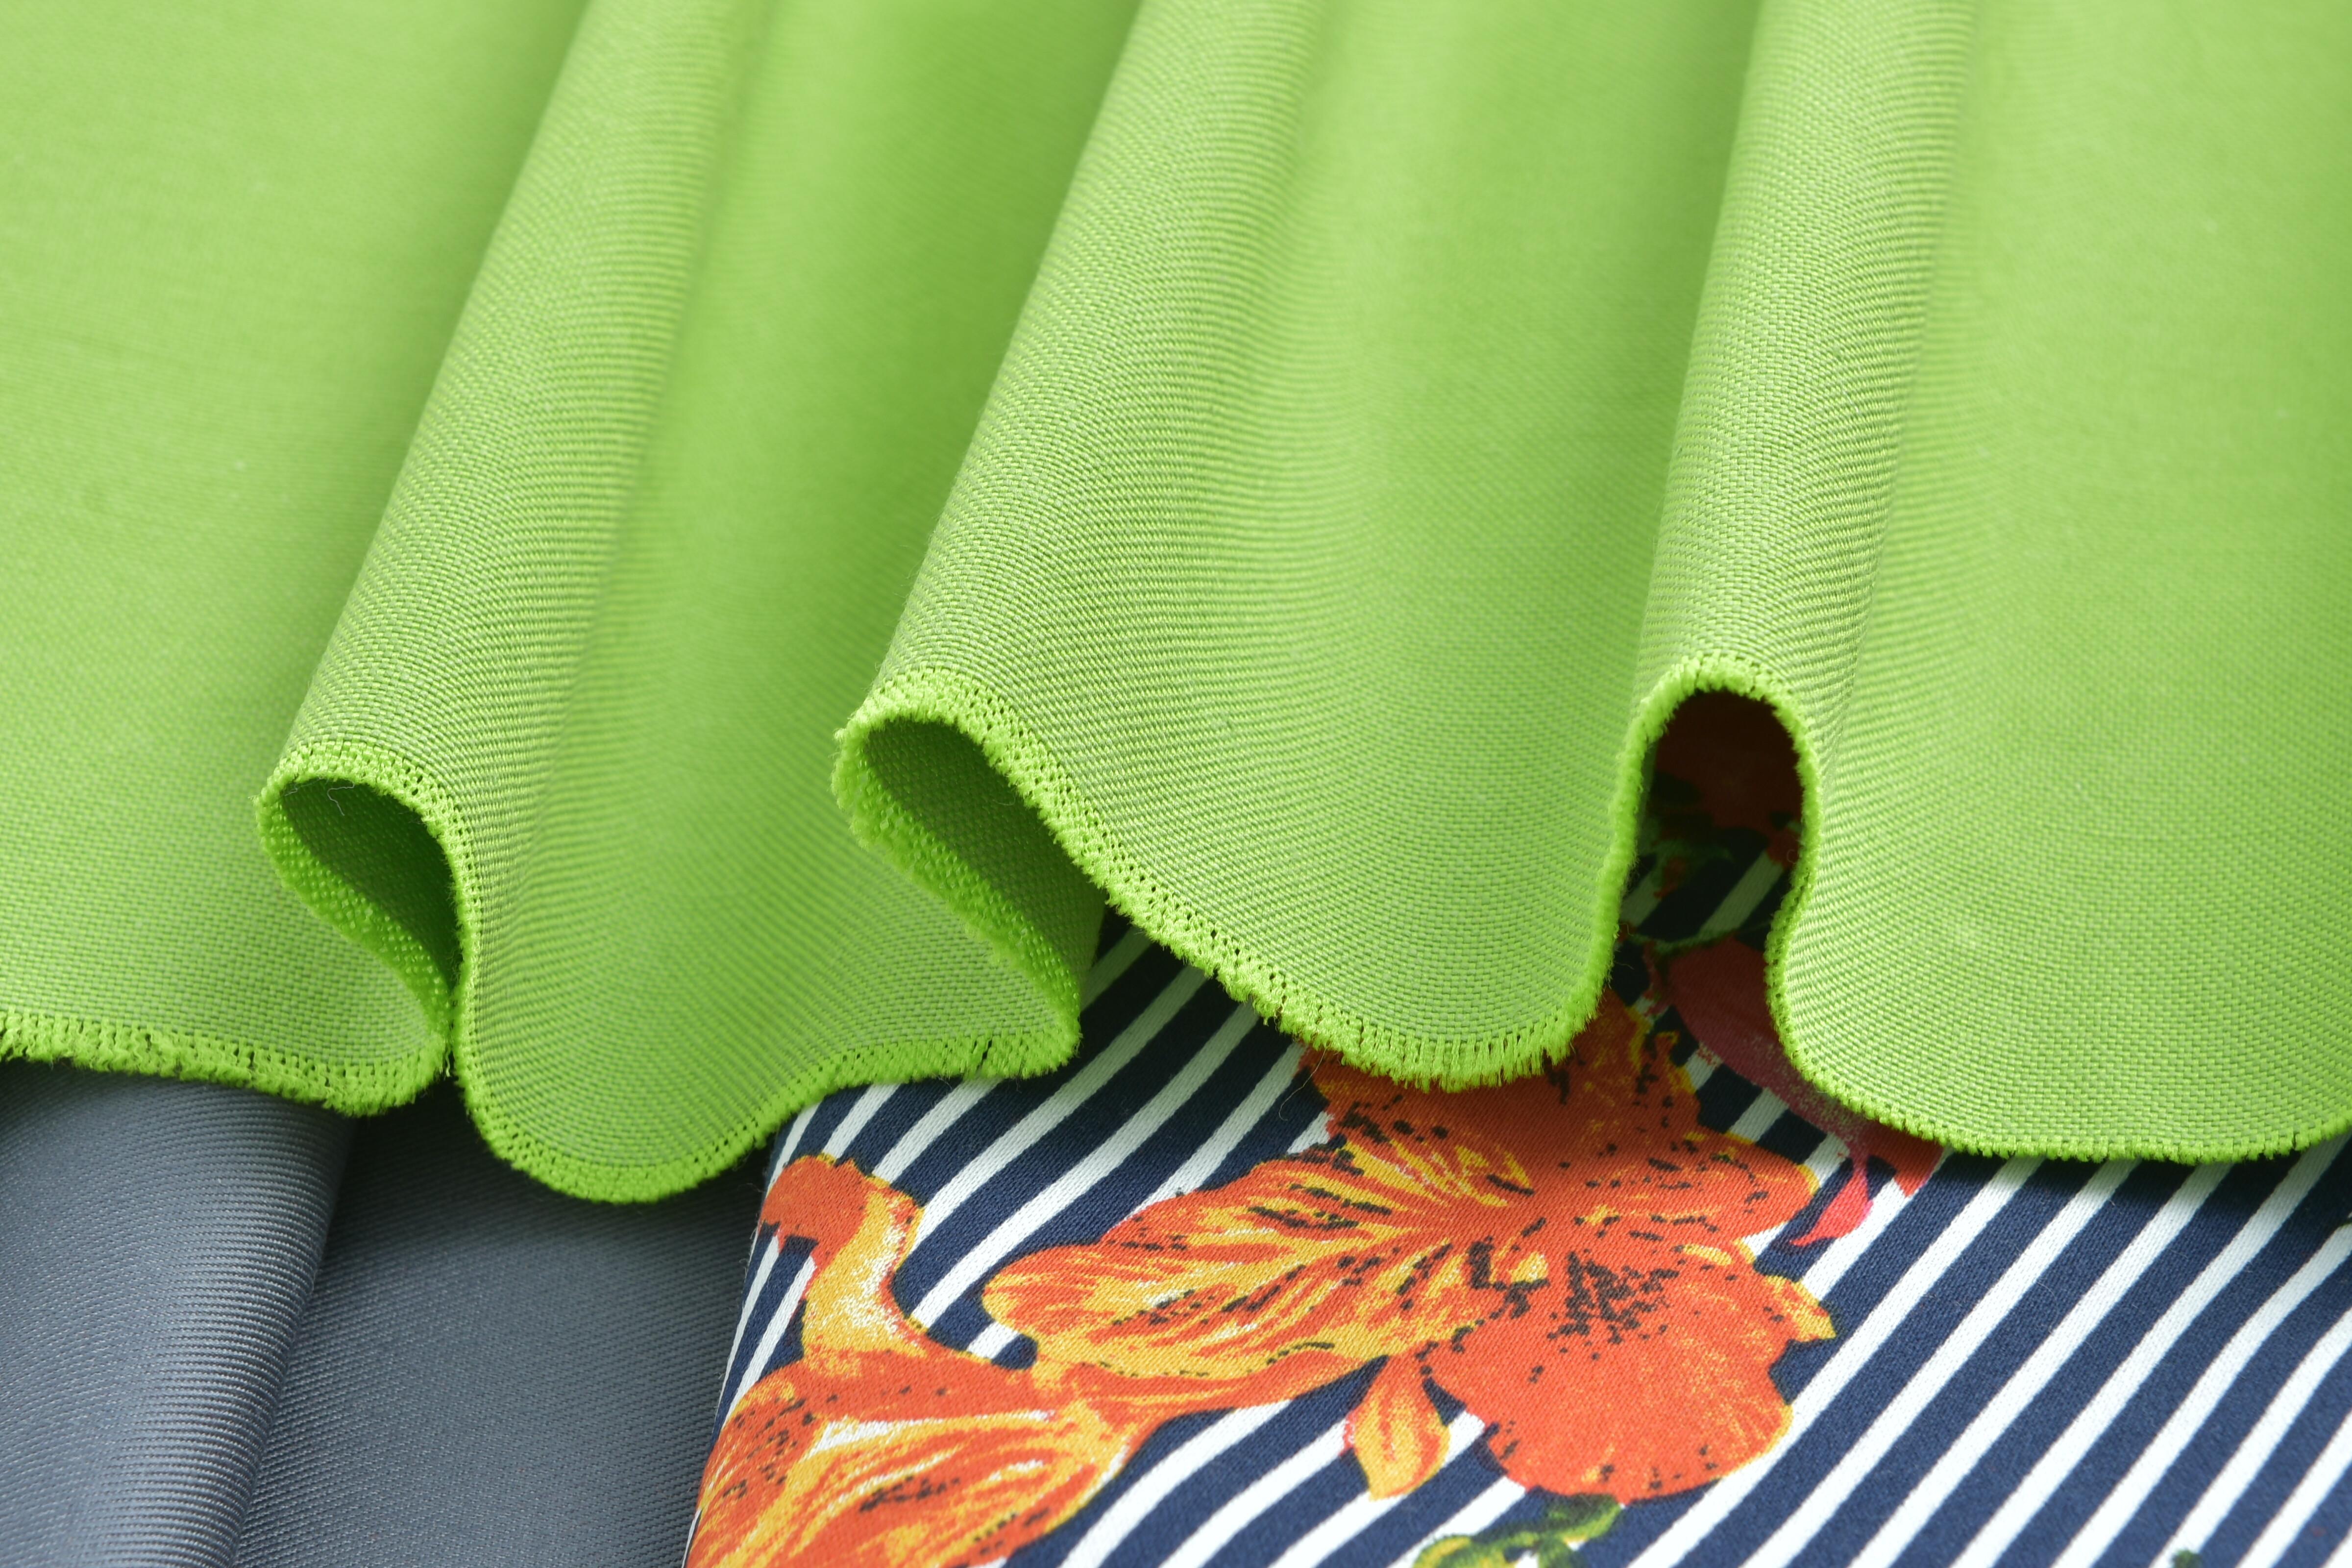 Зеленая ткань скомбинированная с тканью в полоску